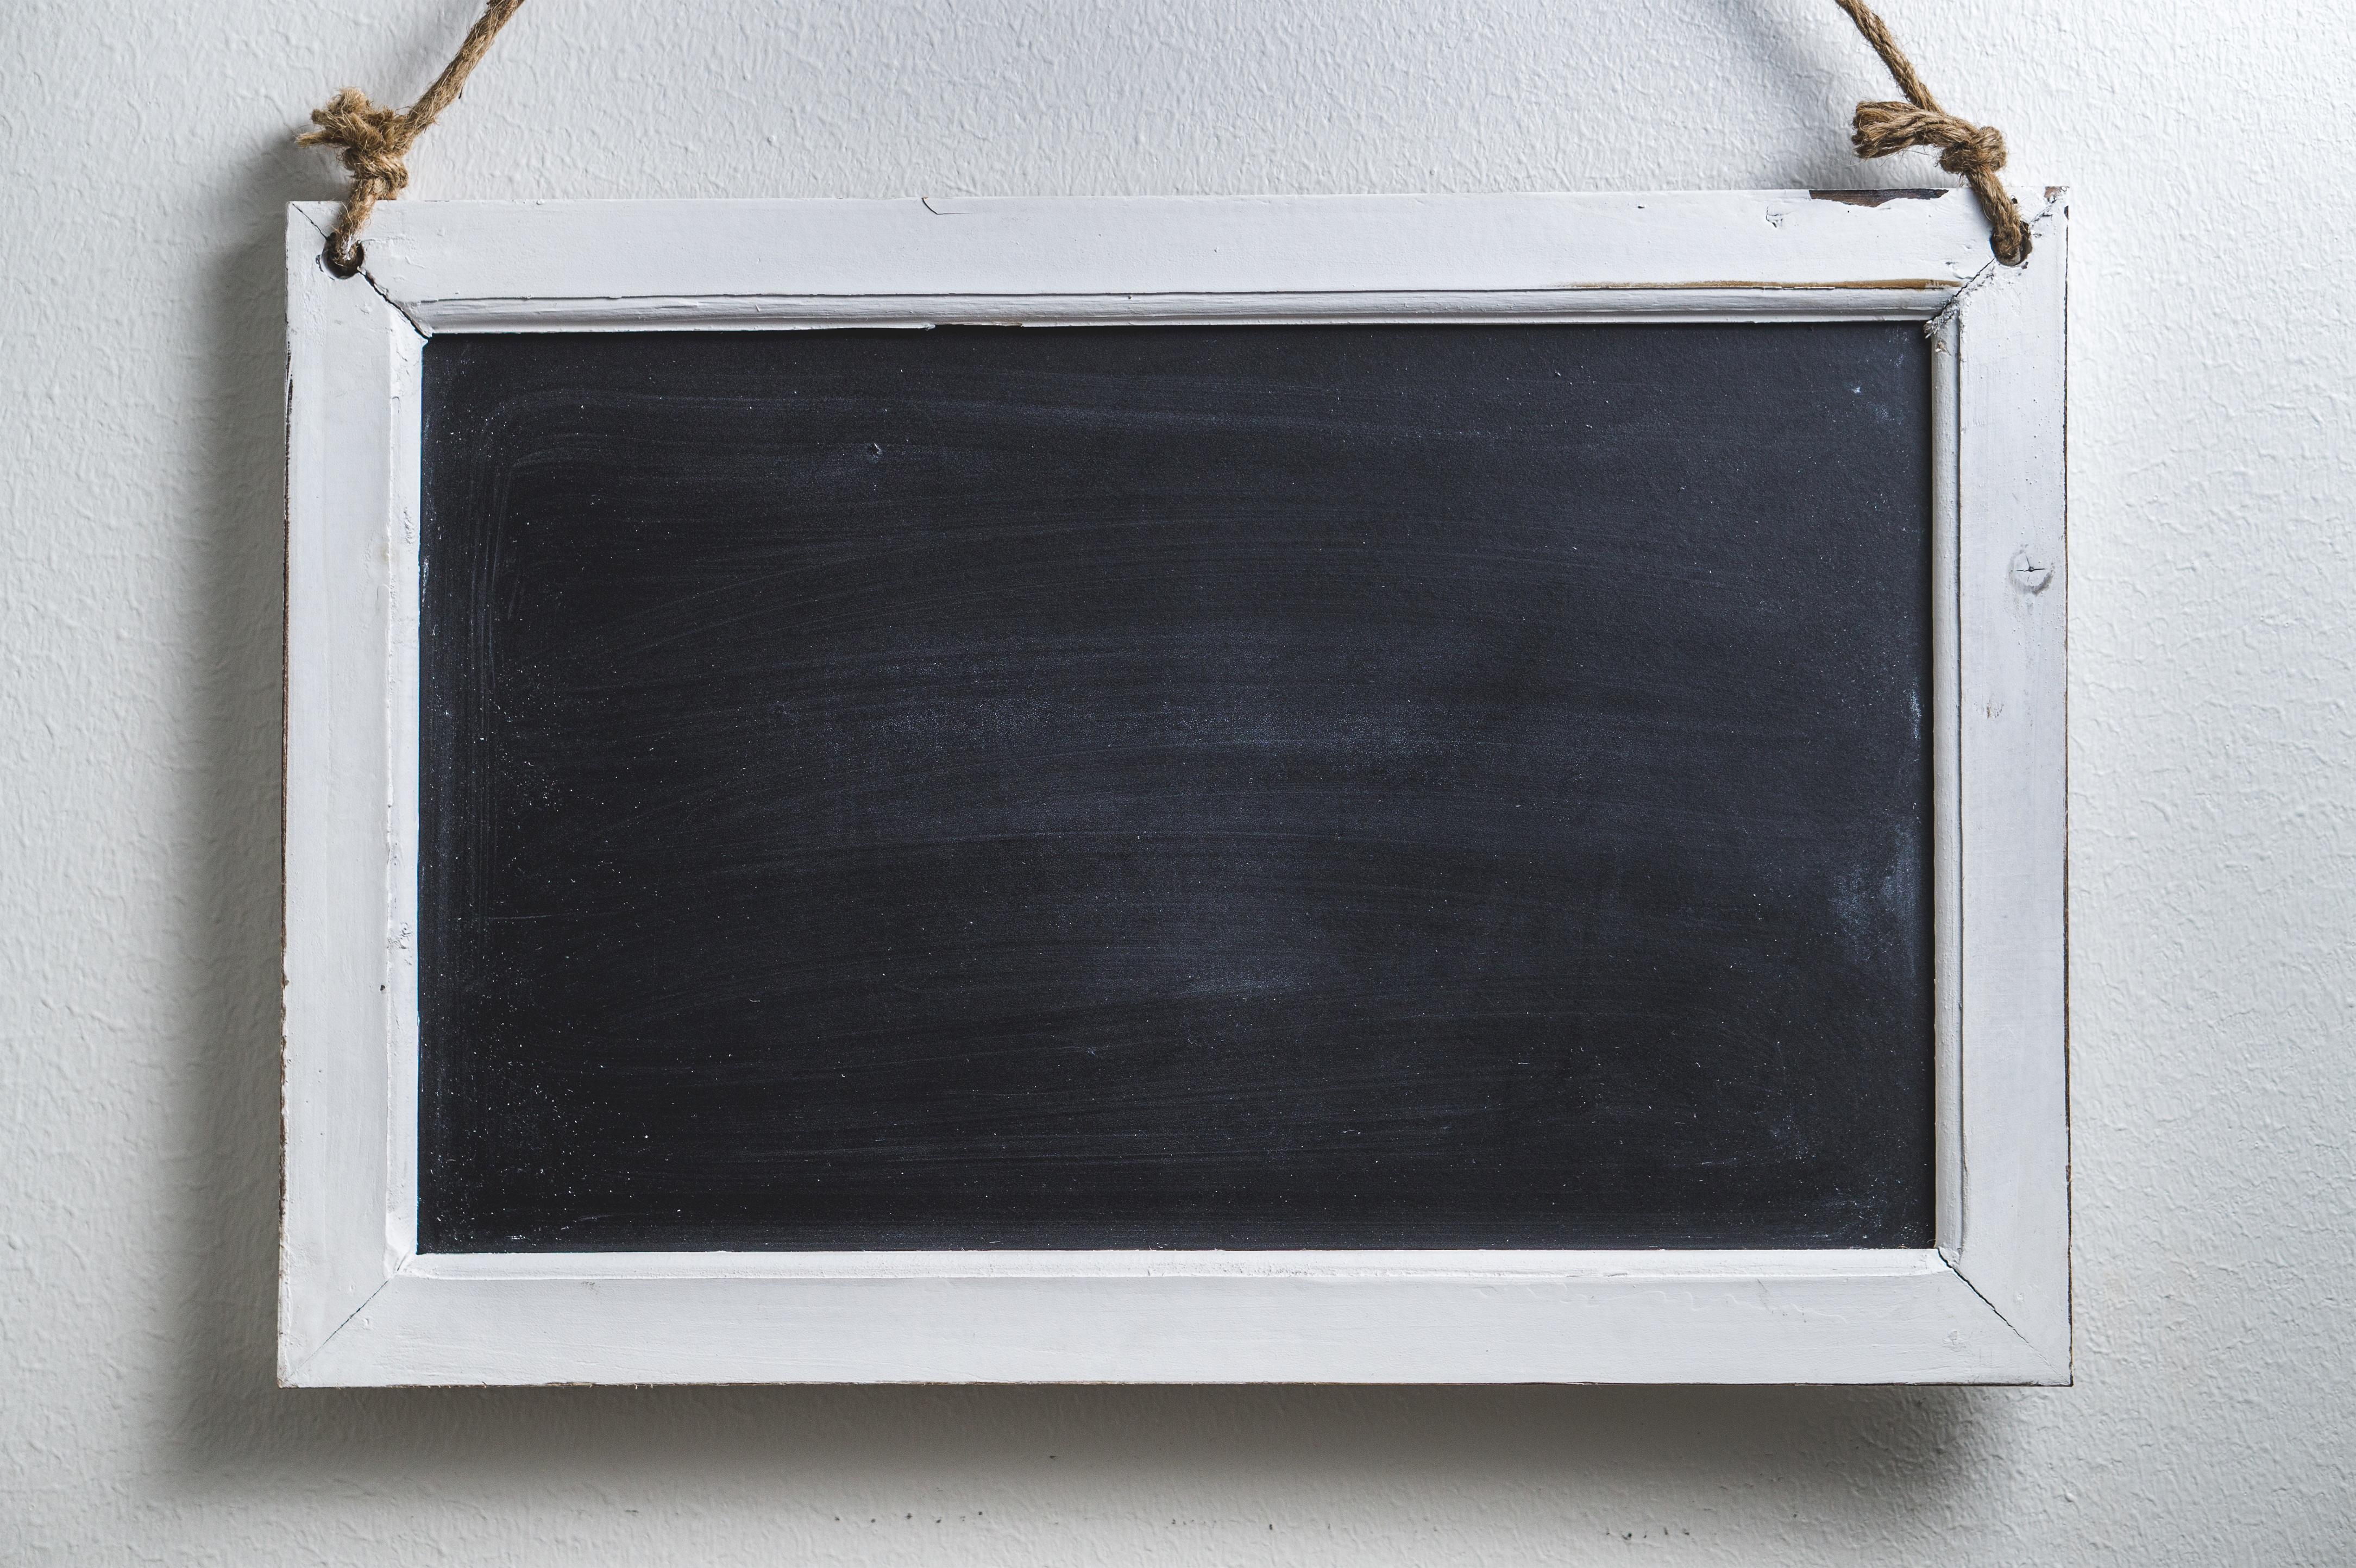 Kostenlose Foto Seil Tafel Weiß Retro Textur Fenster Alt Mauer Linie Rahmen Dreckig Hängend Schwarz Beleuchtung Dekor Oberfläche Bildung